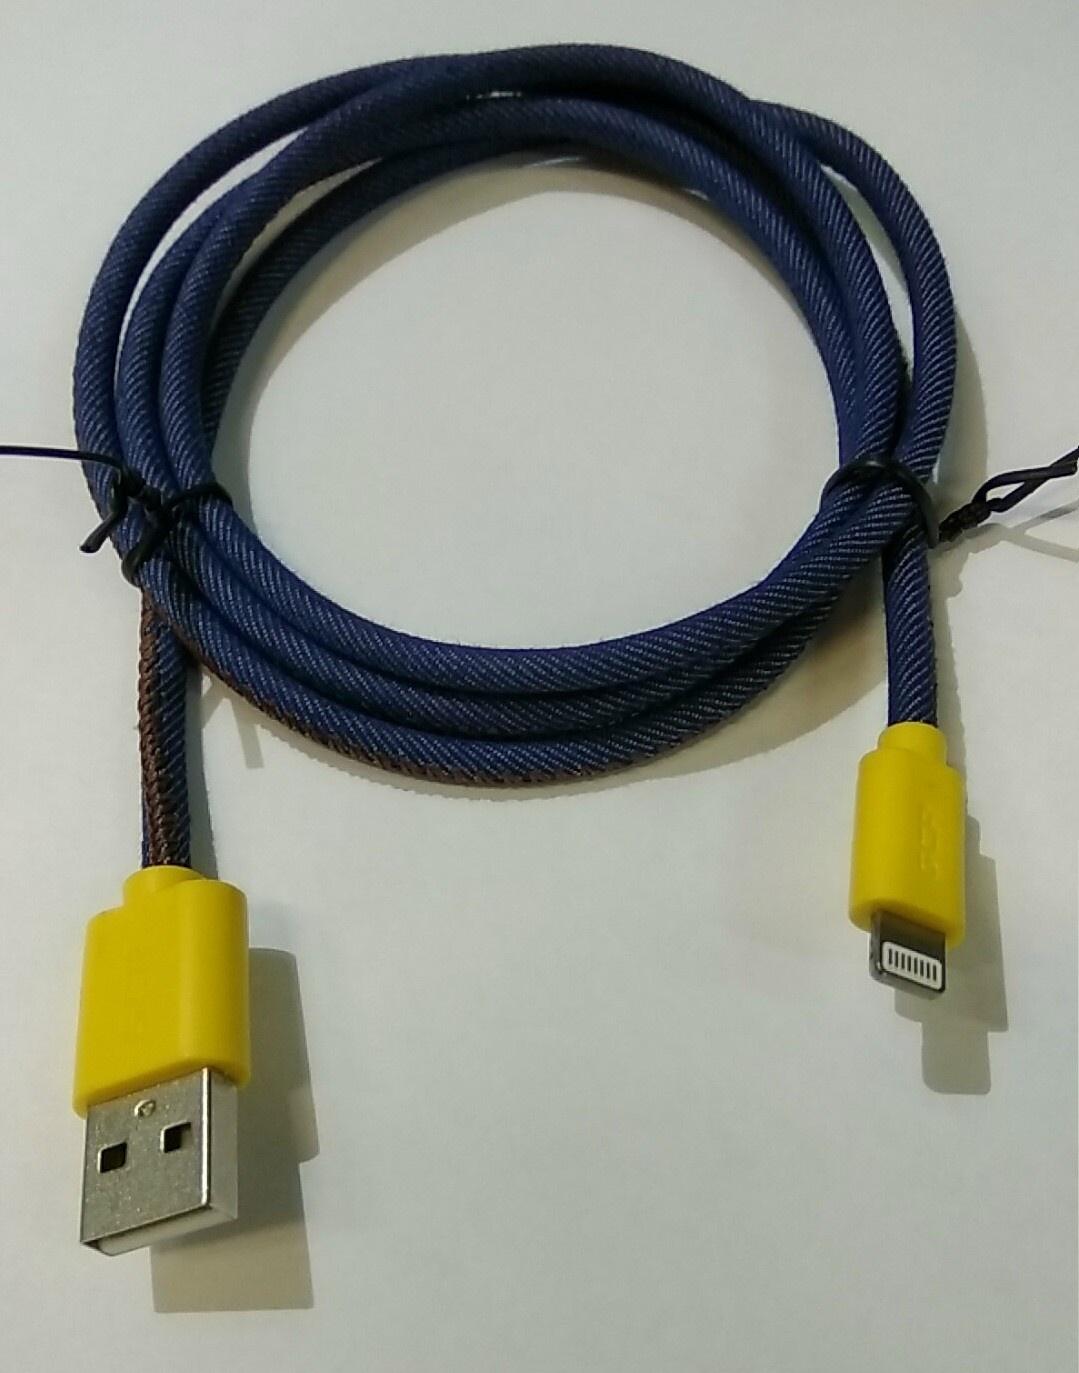 Кабель Greenconnect 3A 1.0m Apple USB 2.0, MFI для Iphone 5/6/7/8/X, GCR-51033, черный greenconnect кабель 1 0m apple usb 2 0 am lightning 8pin mfi для iphone 5 6 7 8 x поддержка всех i